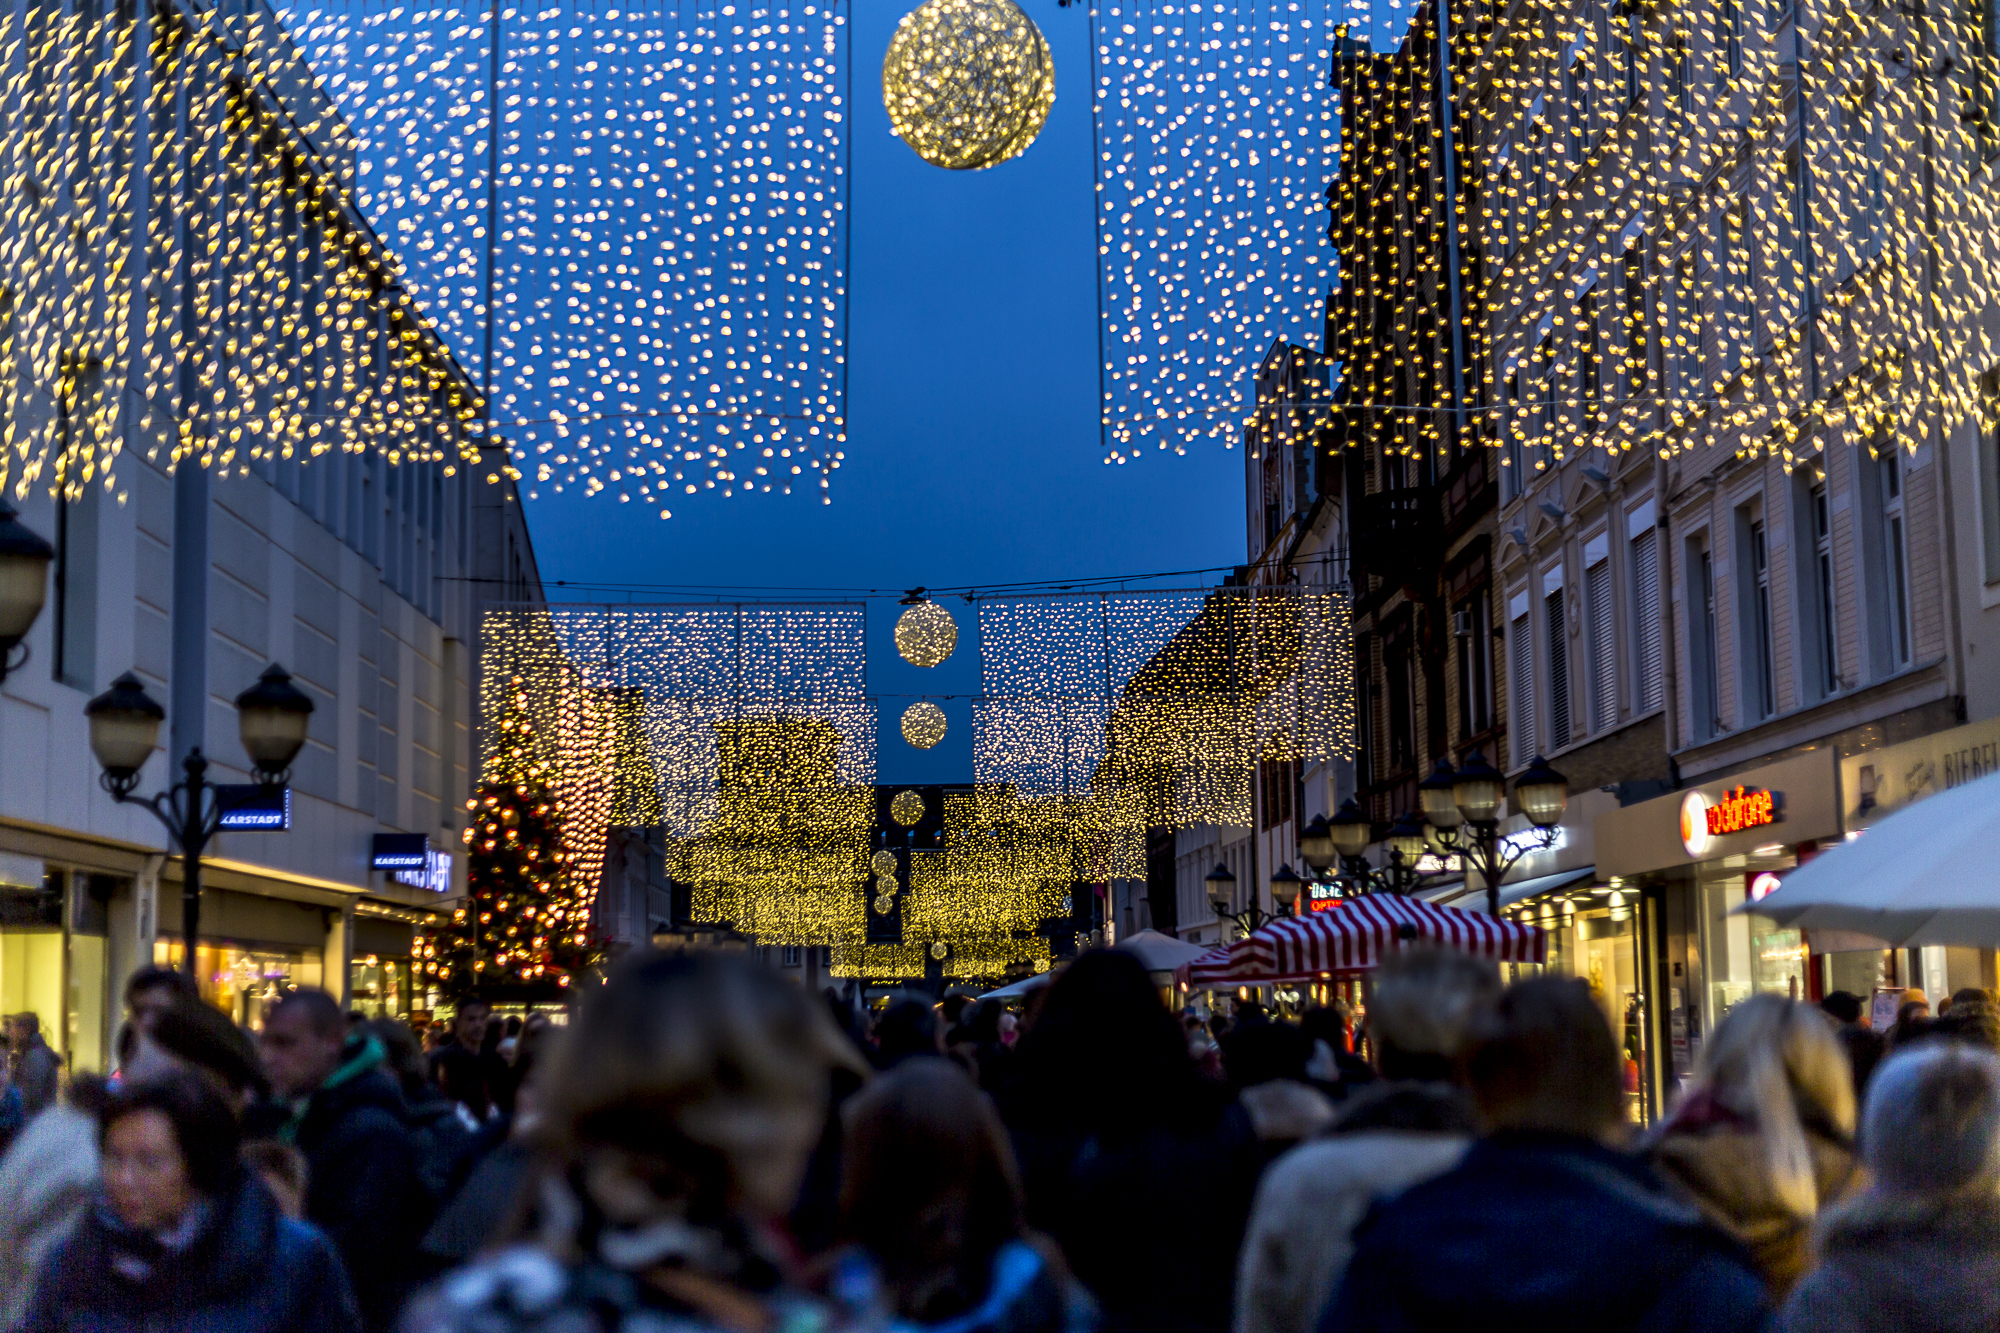 Weihnachtsmarkt In Trier.Adventstipp Trierer Weihnachtsmarkt Reisetipps